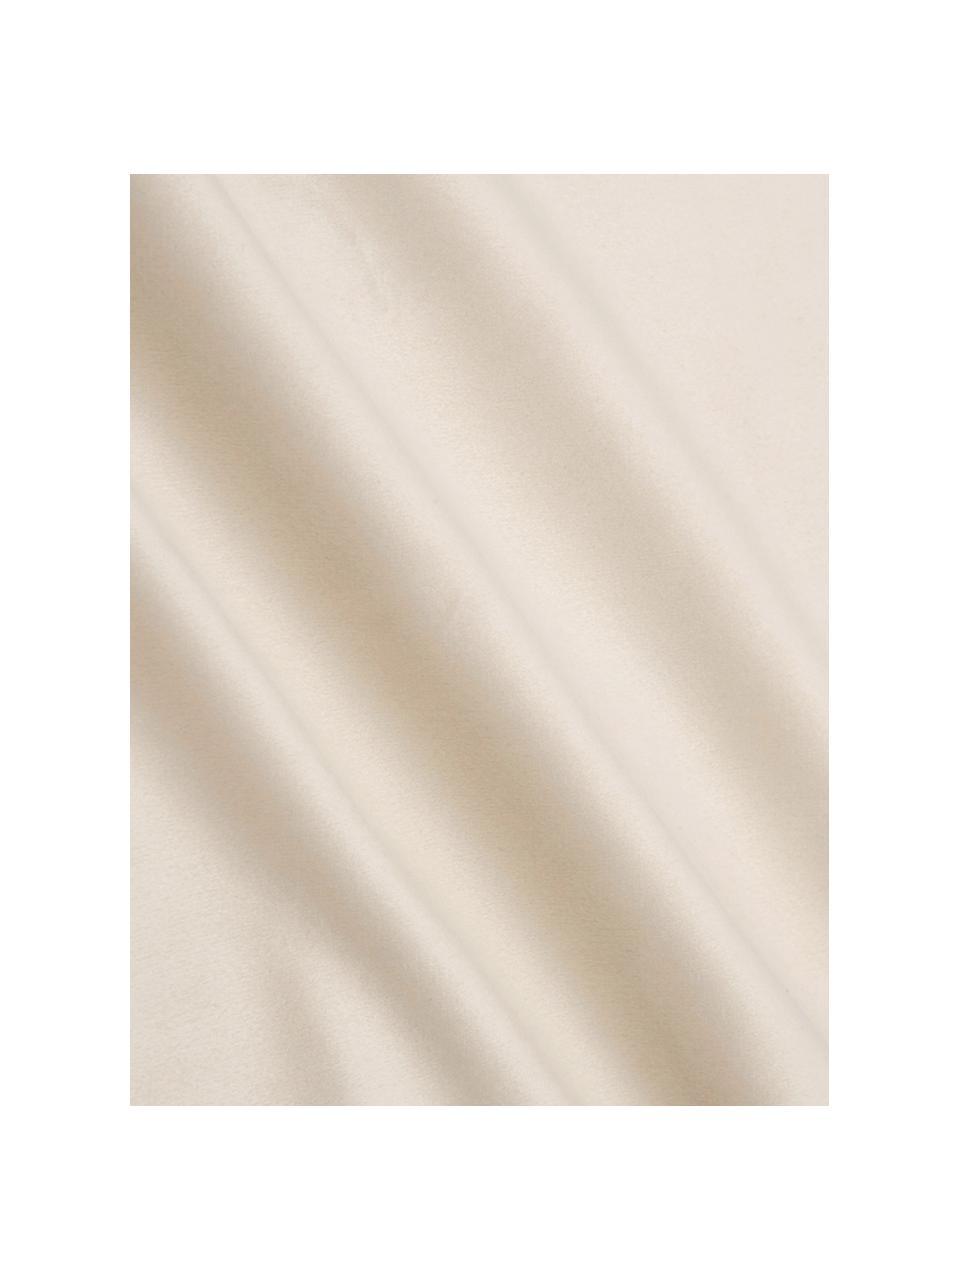 Bestickte Samt-Kissenhülle Nora in Beige/Gold, 100% Polyestersamt, Beige, 45 x 45 cm